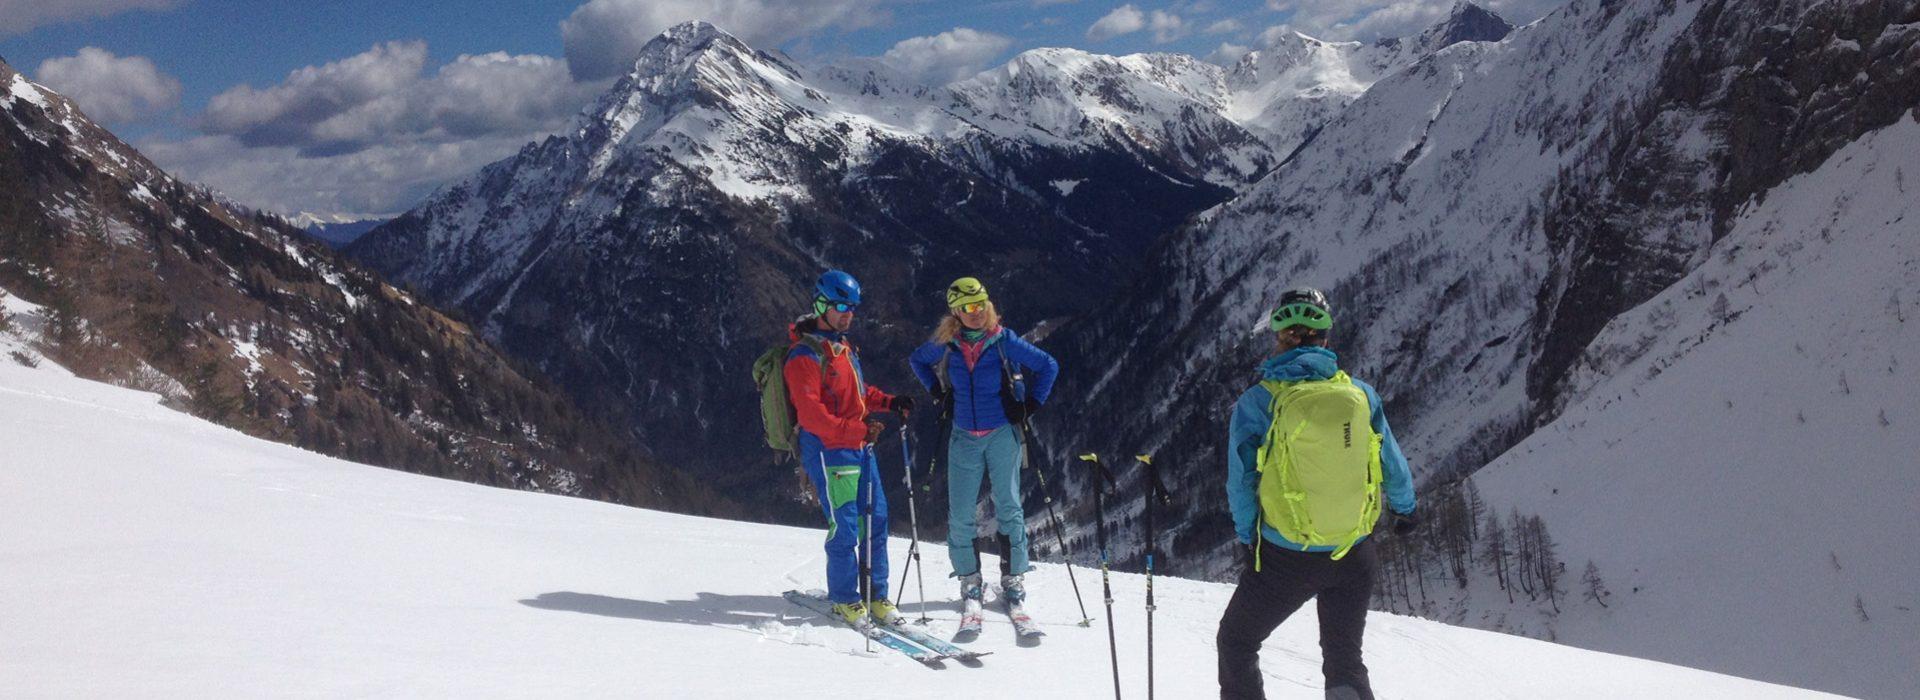 Skitour zum Wodnertörl - langlauf-regionen, langlauf-hotels